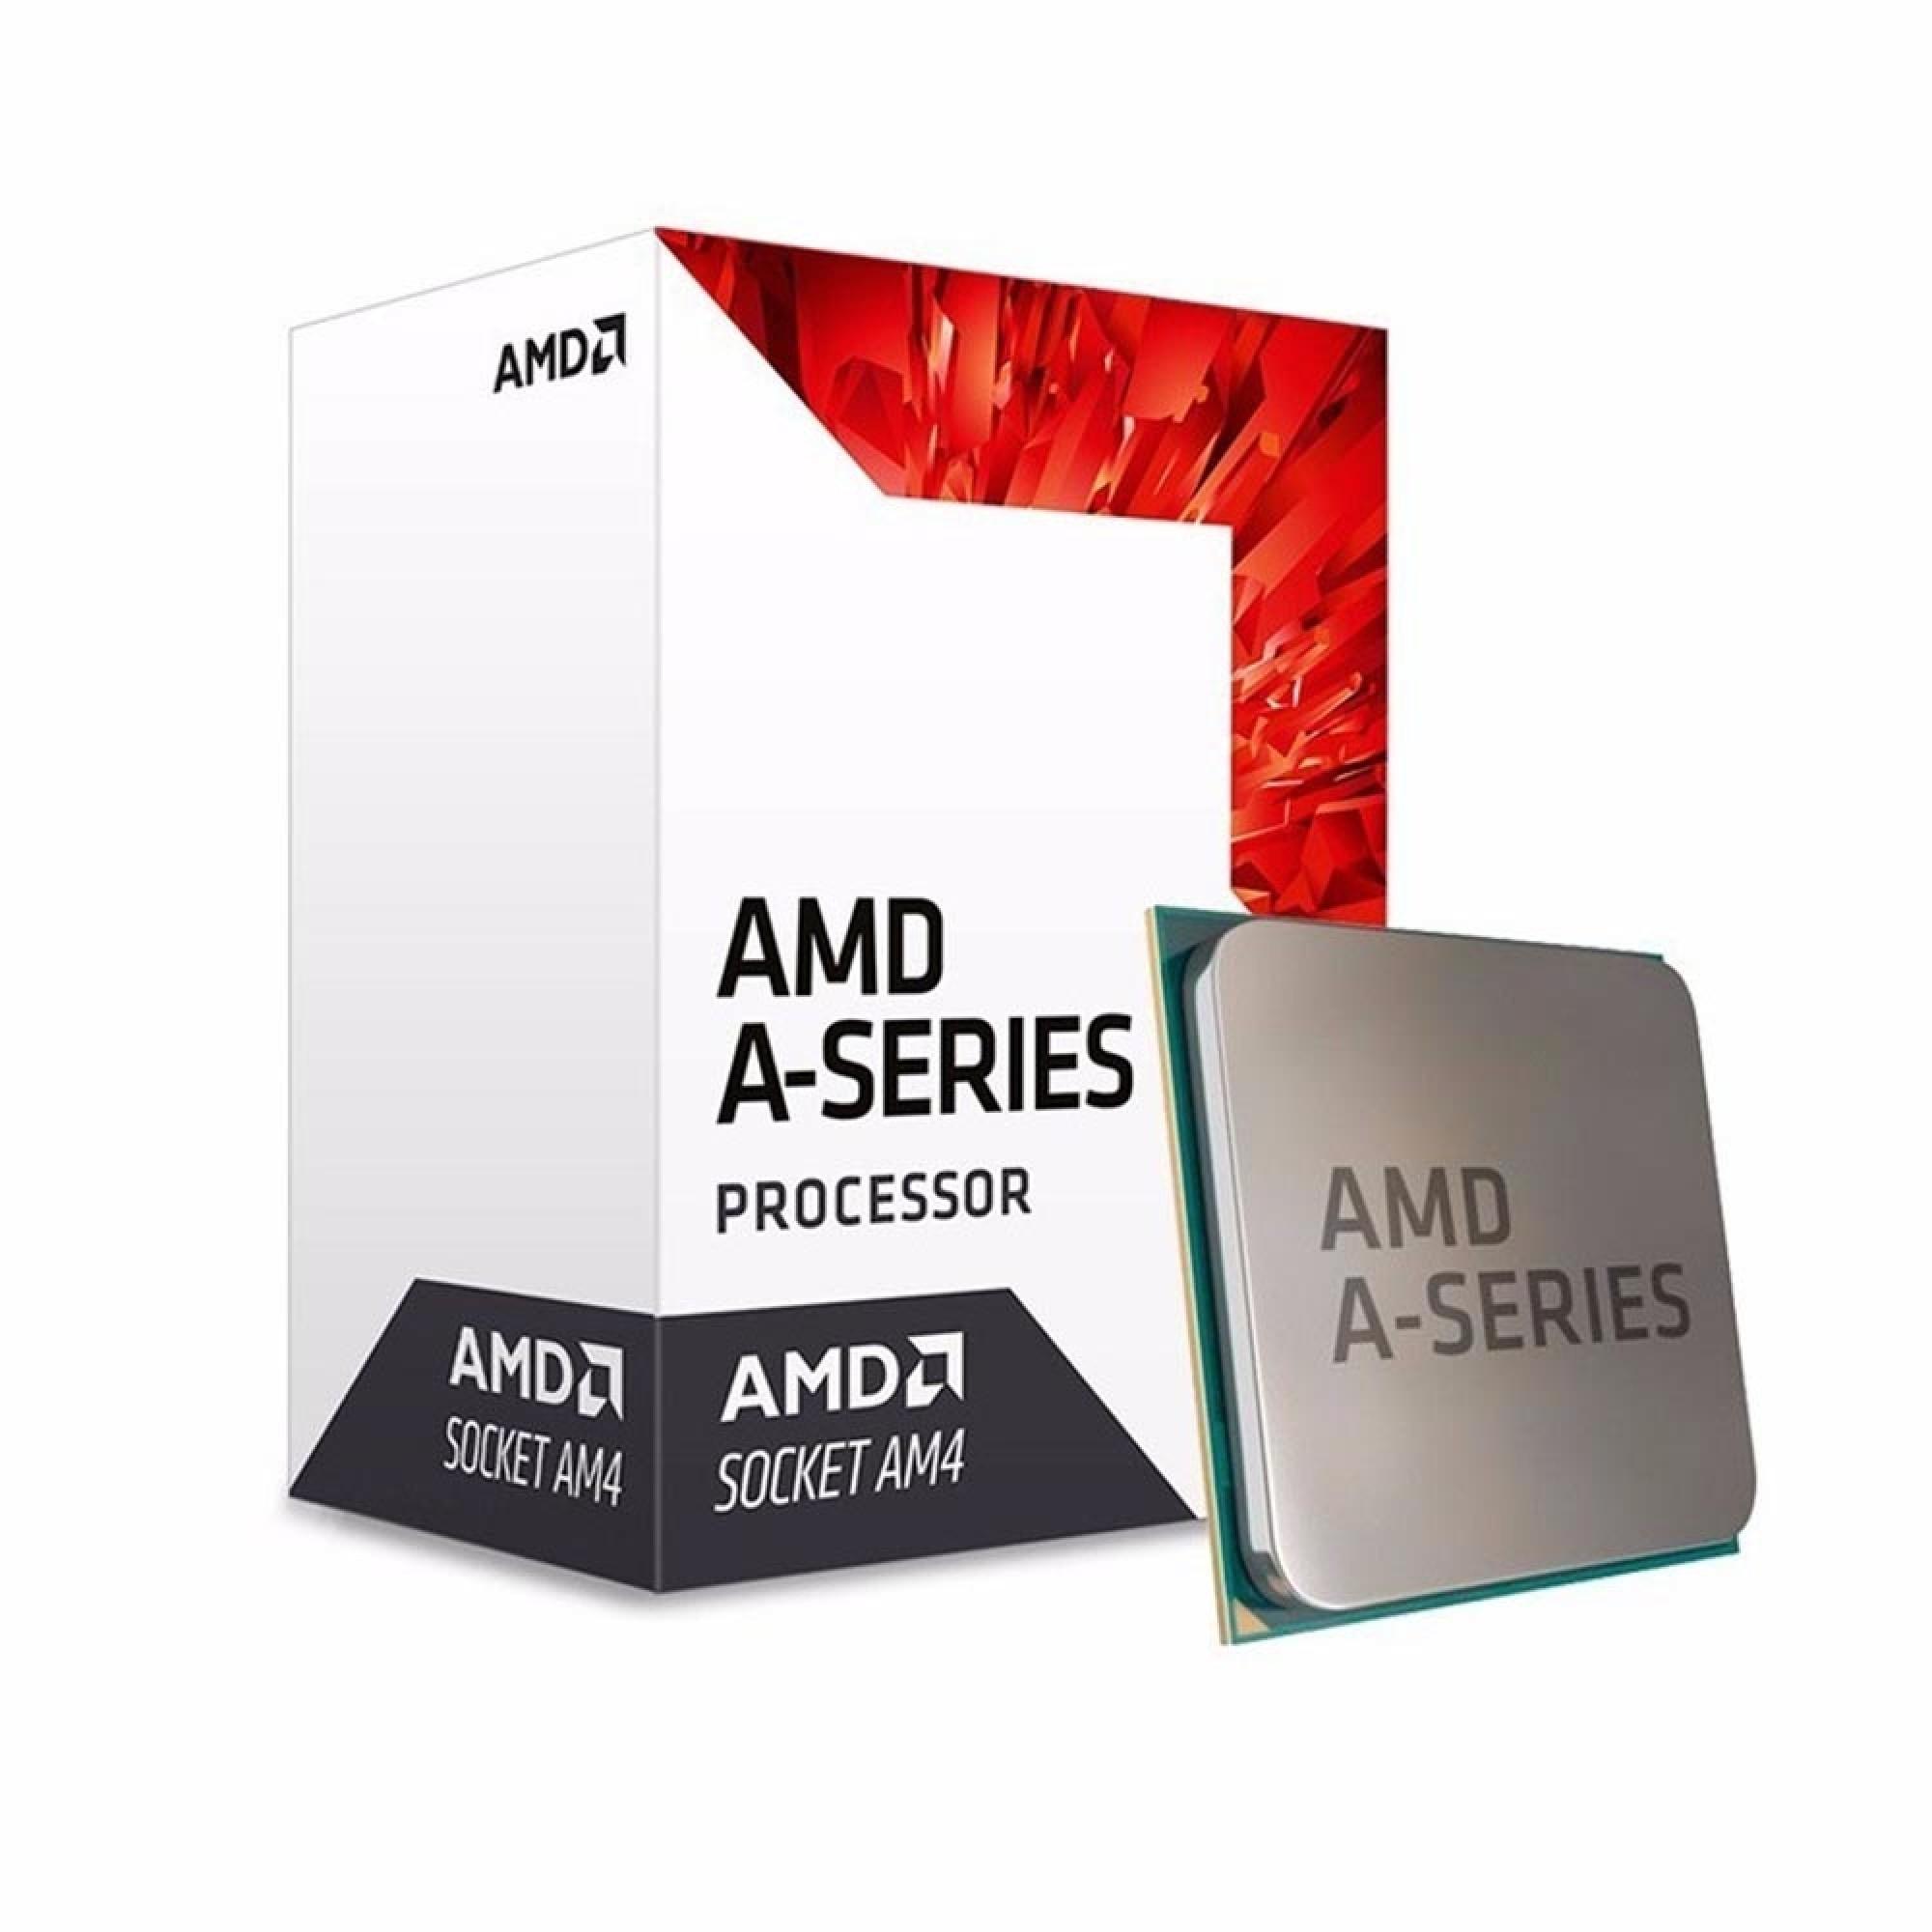 Processador AMD A12 9800 Quad-Core, Cache 2MB, 3.8GHz - AU9800AGABBOX